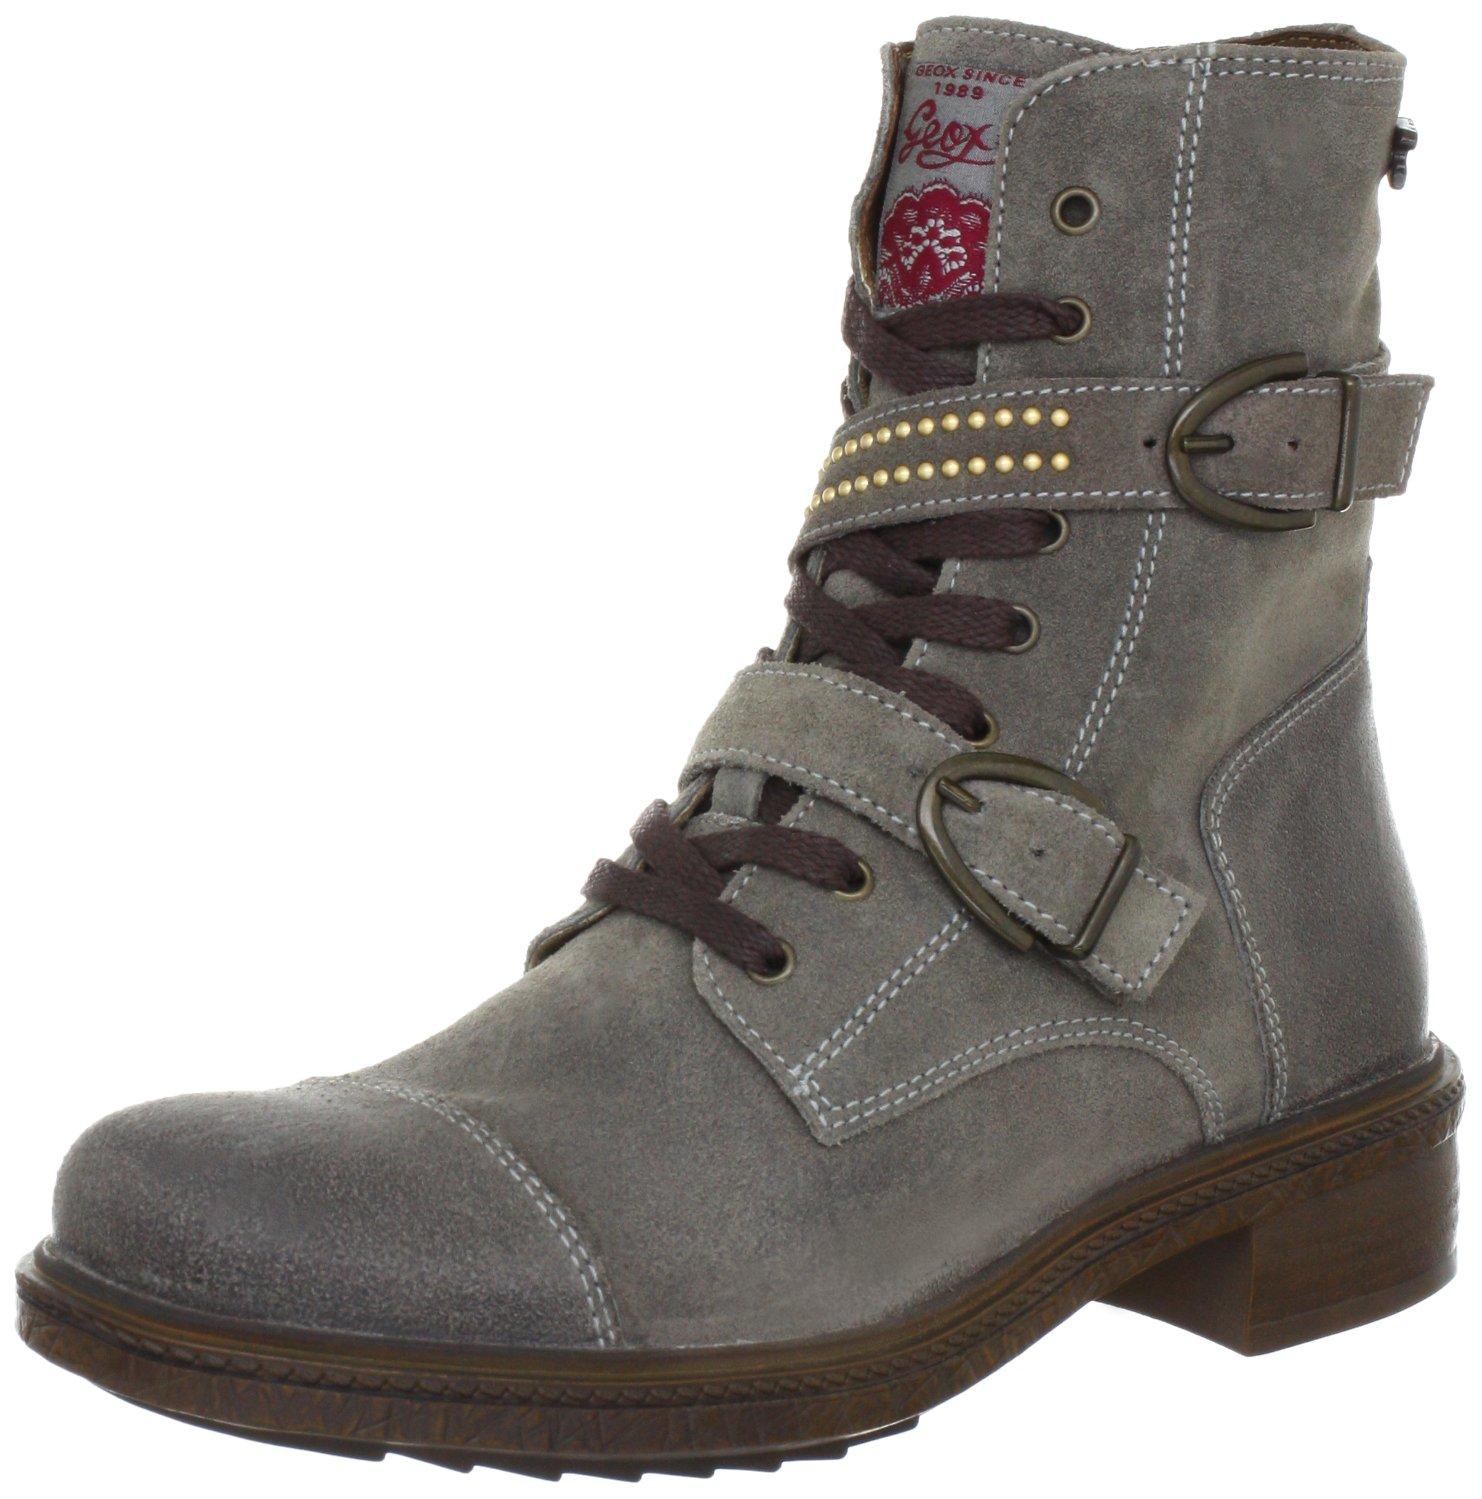 推荐几款折扣特别低的geox鞋子